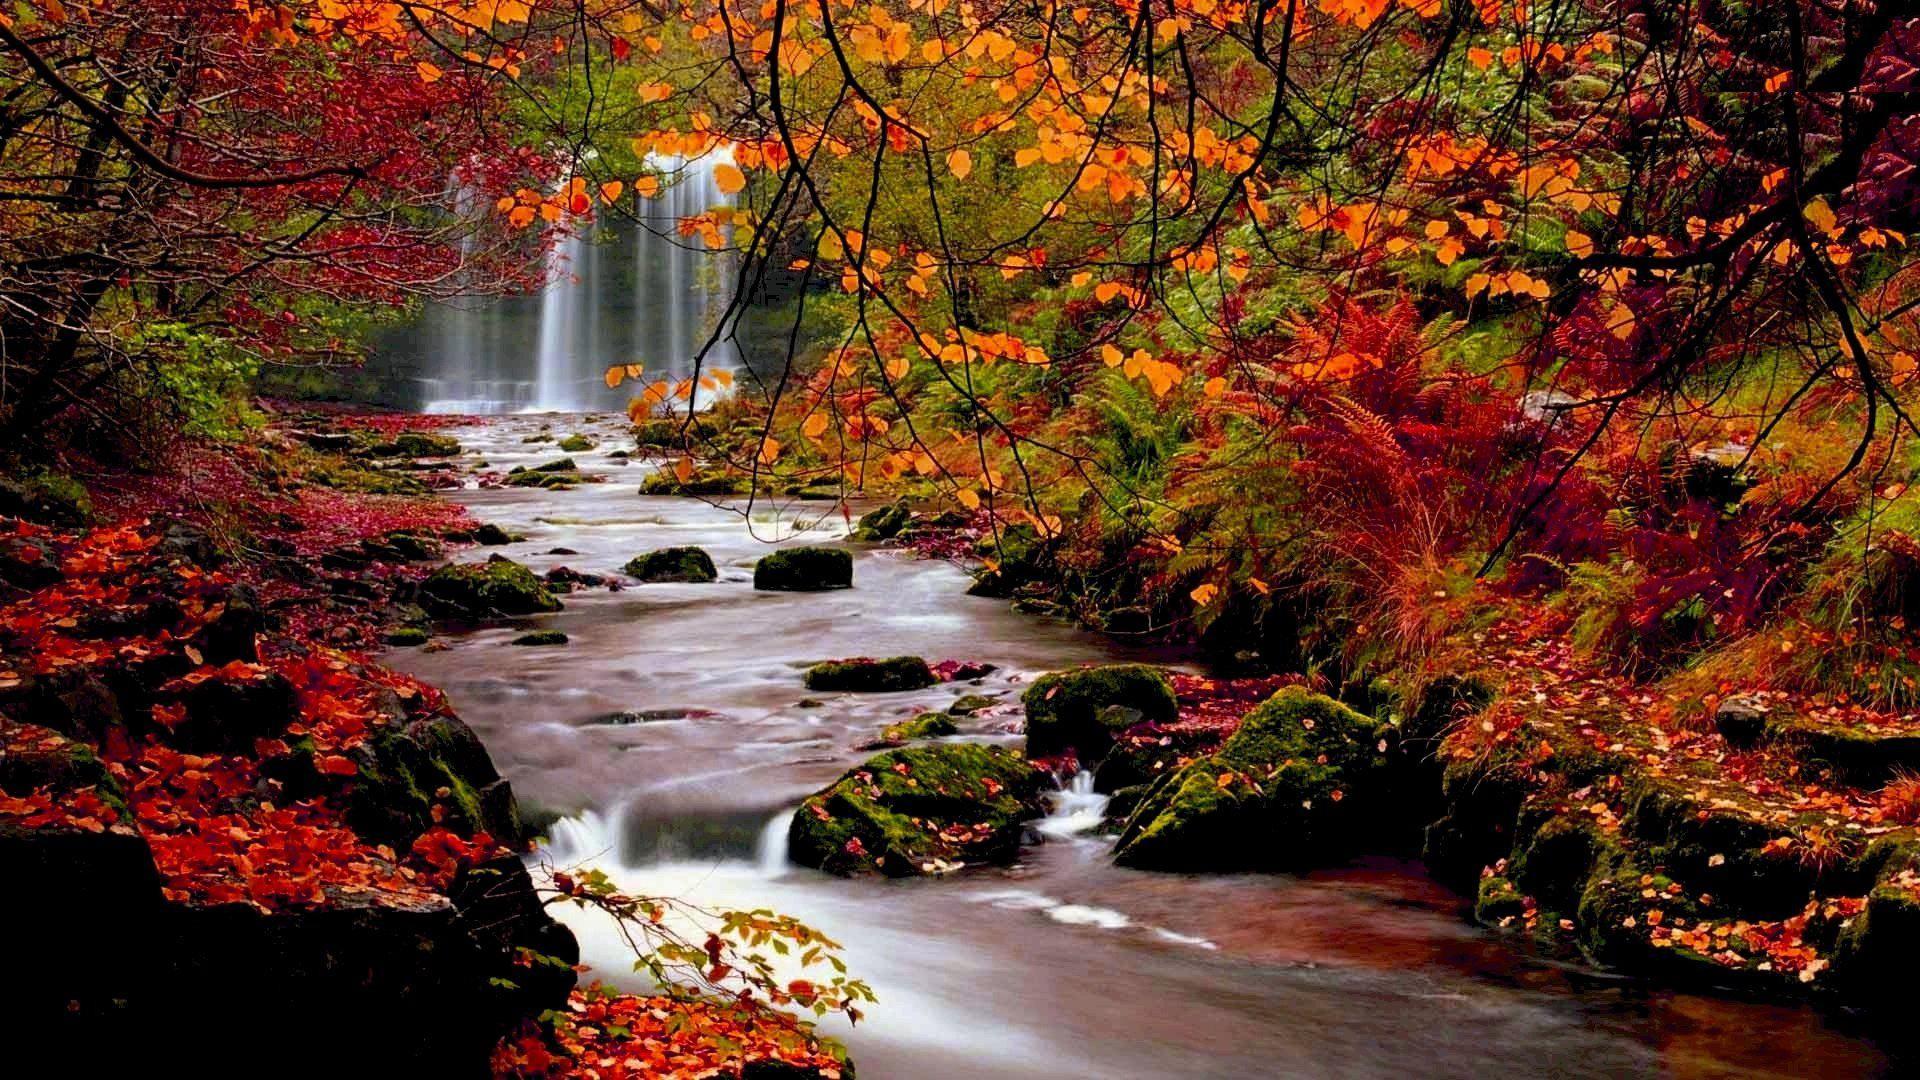 Fall Landscape Wallpaper | HD Autumn Trees Nature Landscape Leaf Leaves Desktop  Background Images .